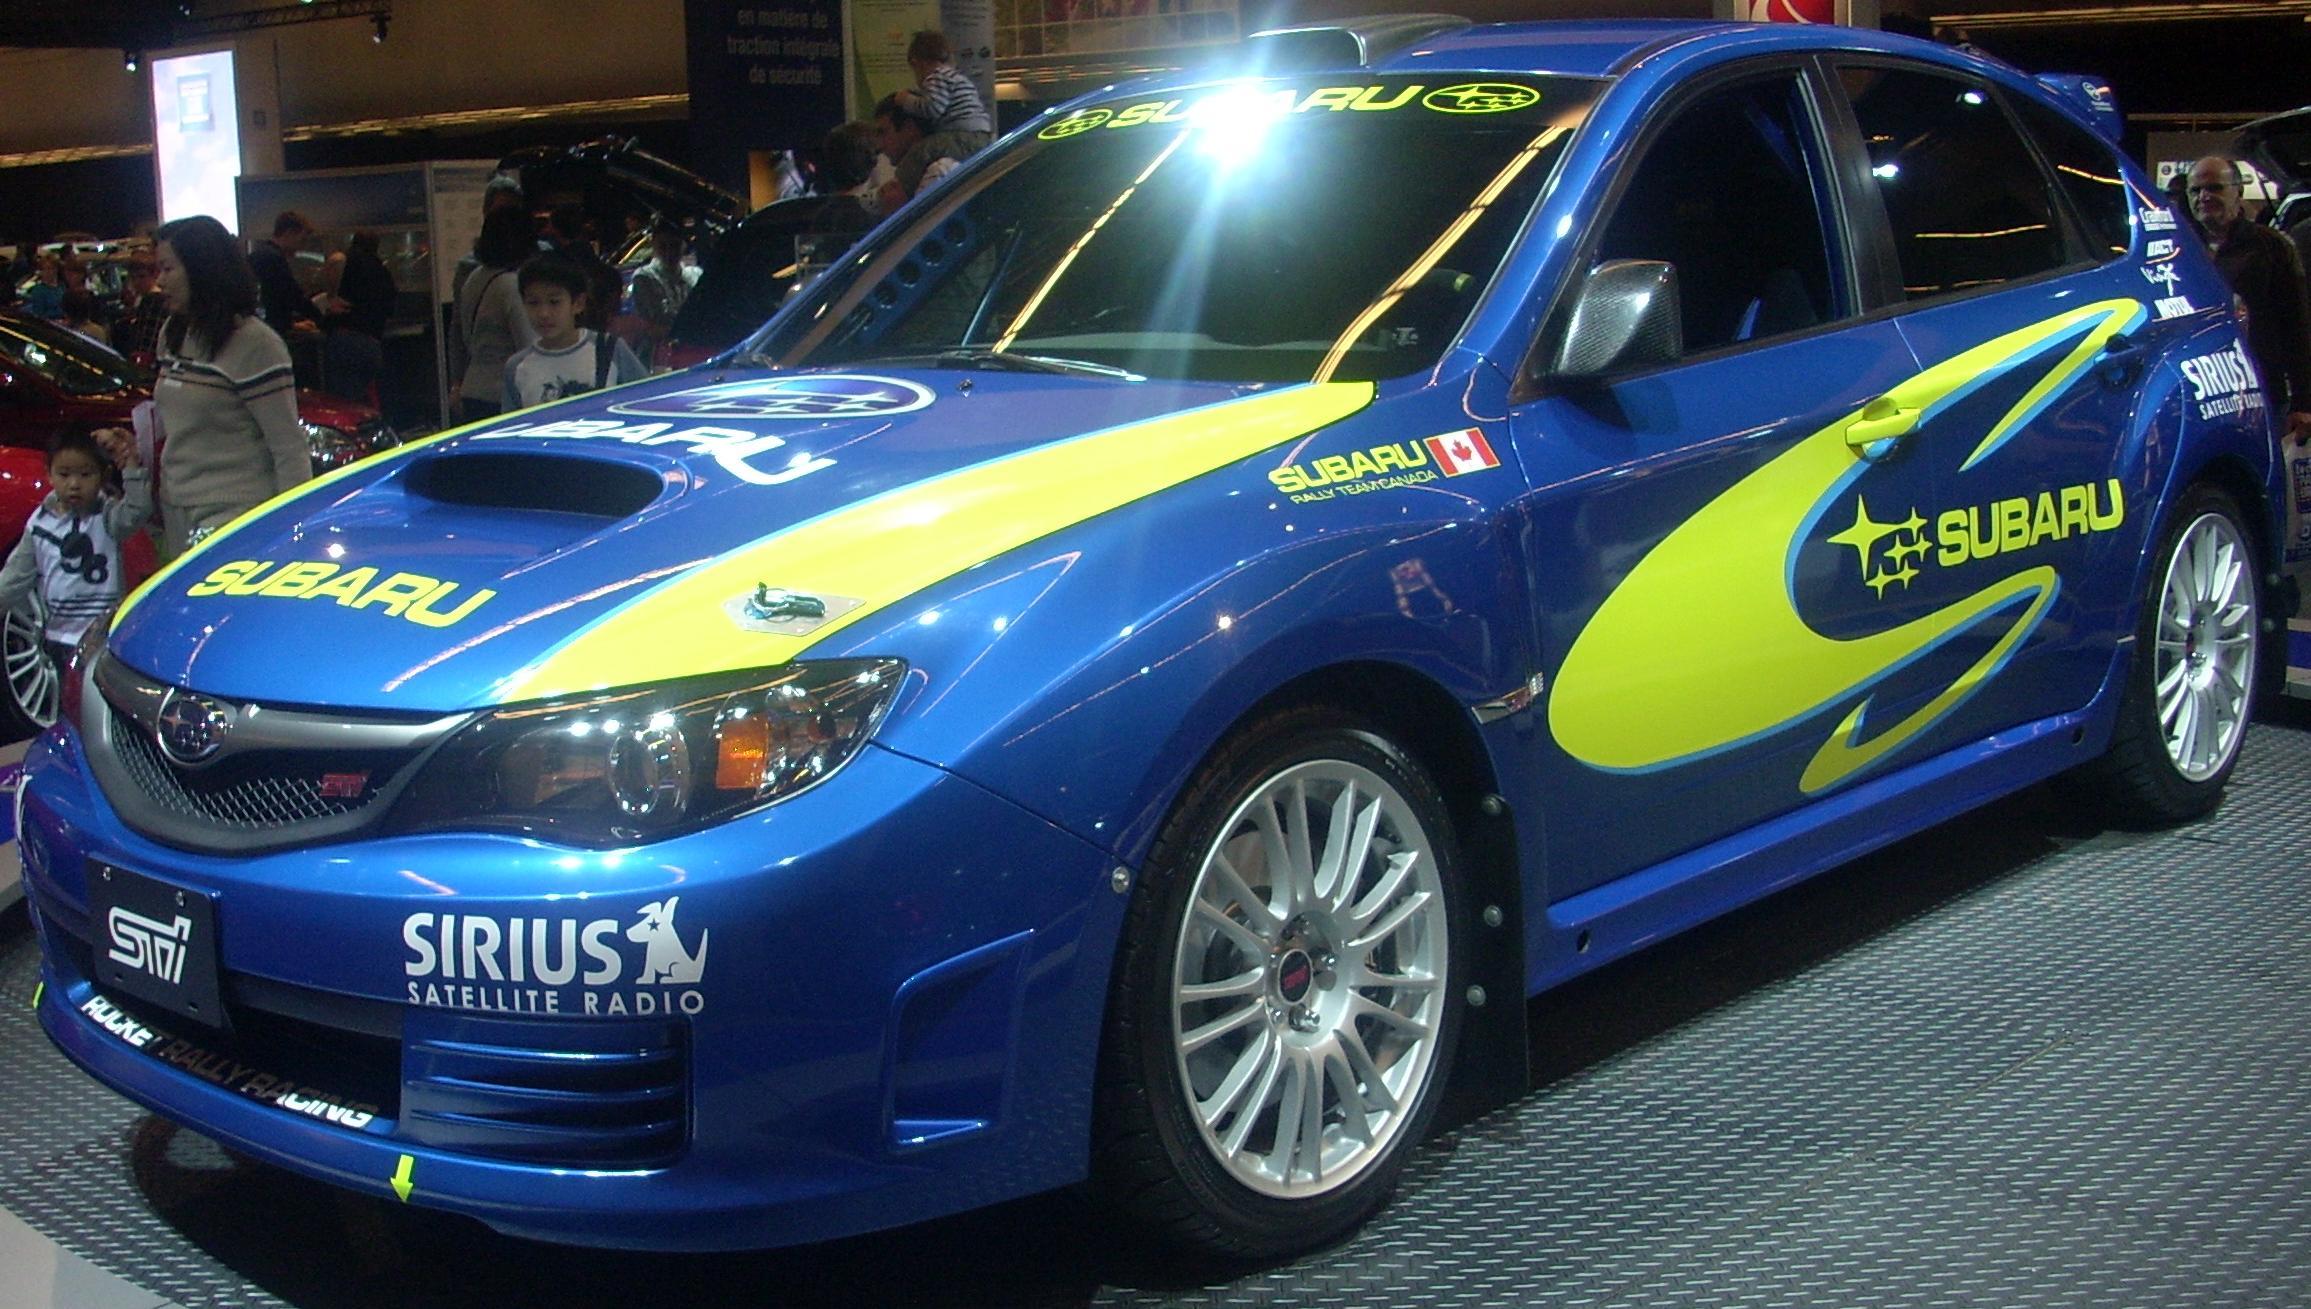 File:'09 Subaru Impreza WRX STI WRC (MIAS).JPG - Wikimedia Commons